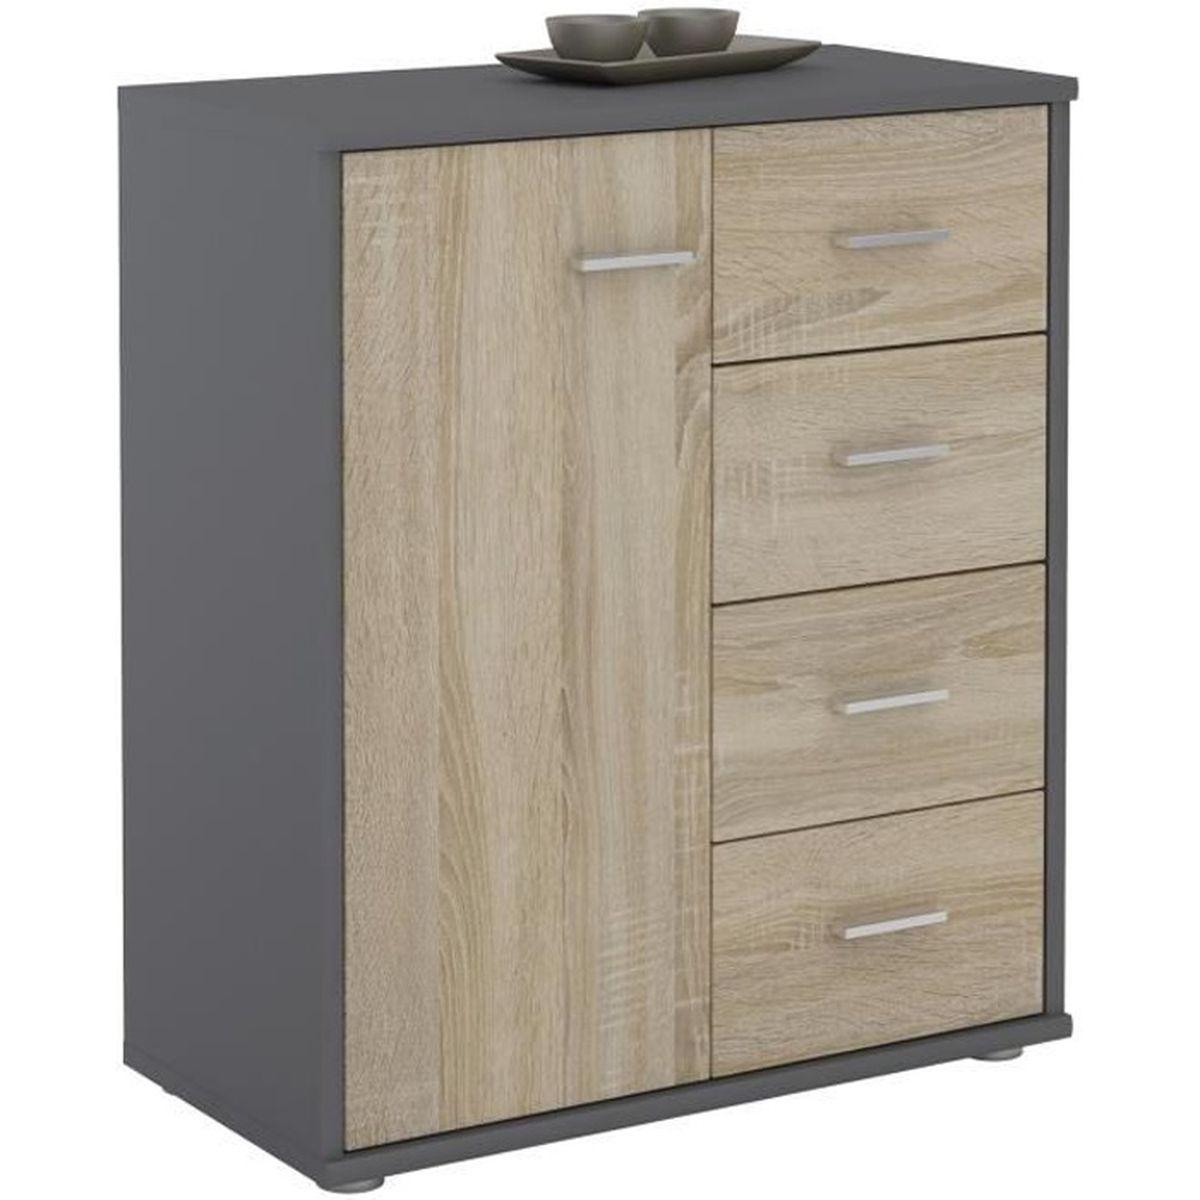 Panneau Melamine Noir Mat buffet oscar, commode meuble de rangement avec 4 tiroirs et